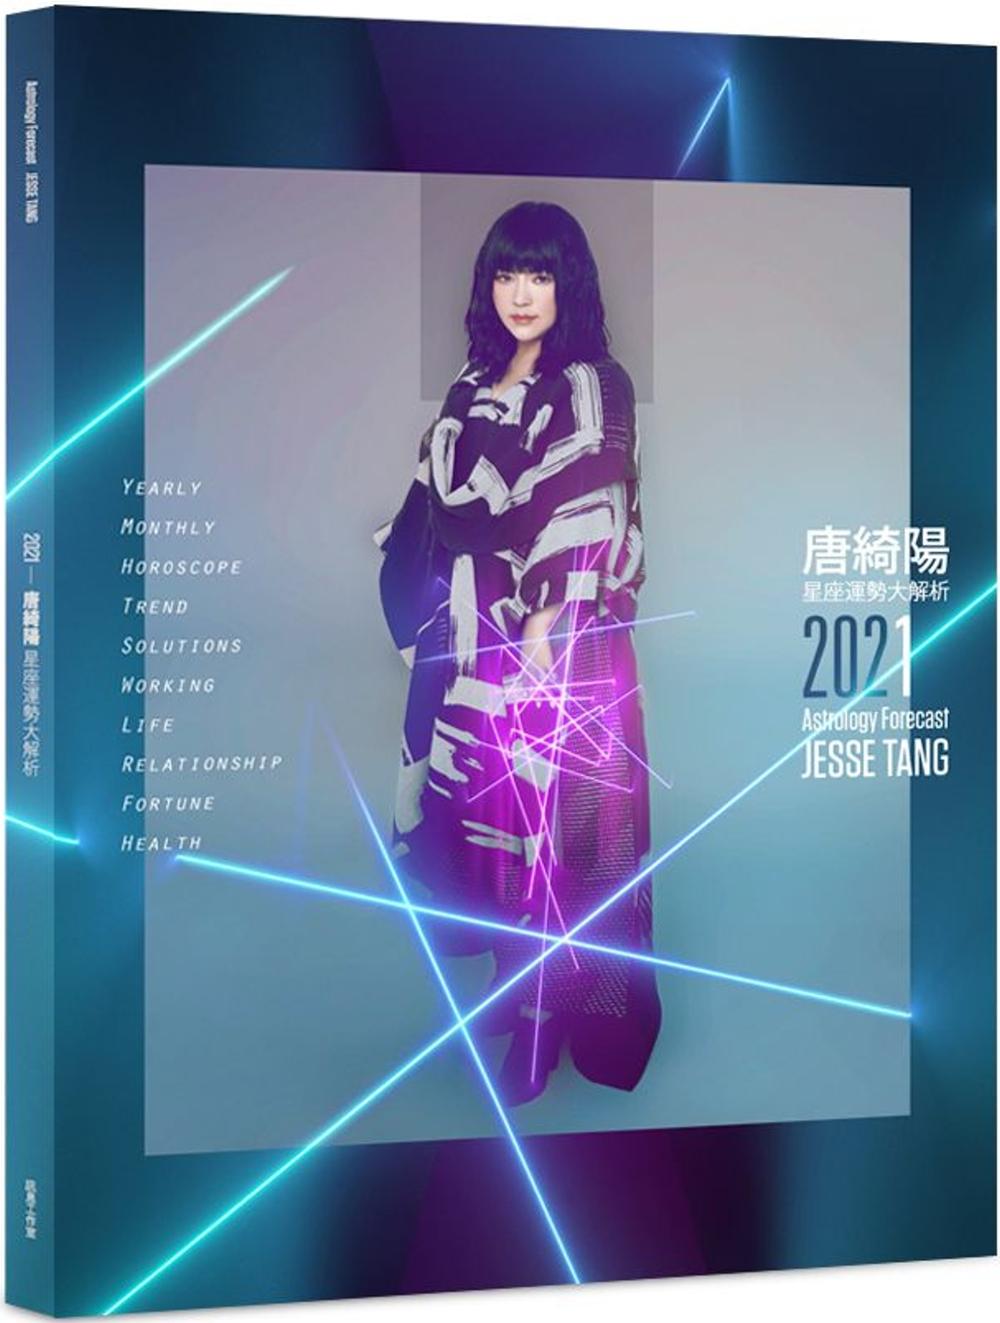 2021唐綺陽星座運勢大解析(簽名版)